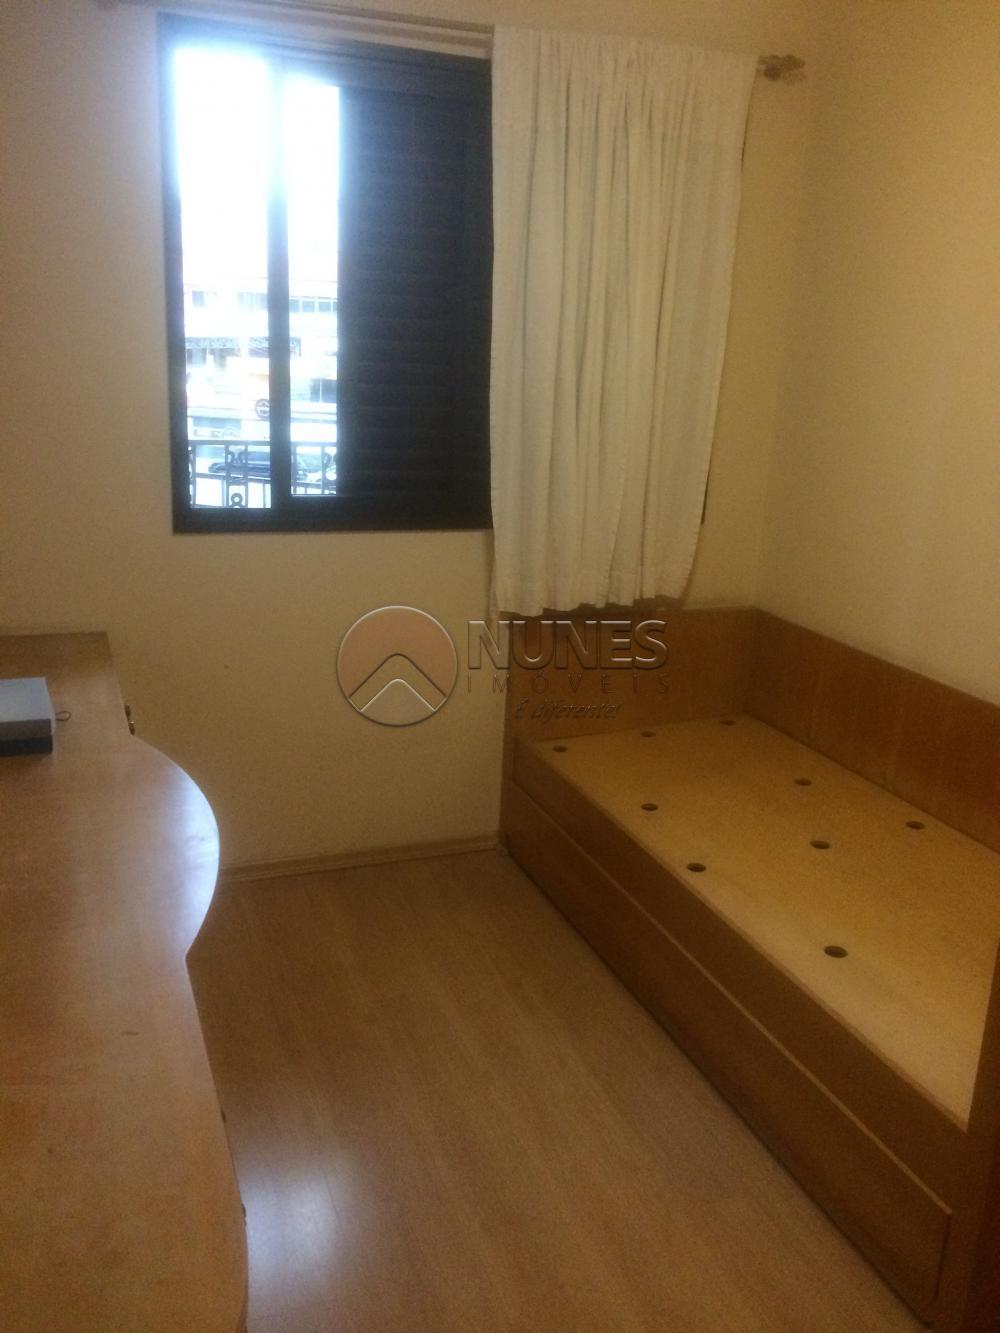 Comprar Apartamento / Padrão em Osasco R$ 450.000,00 - Foto 6